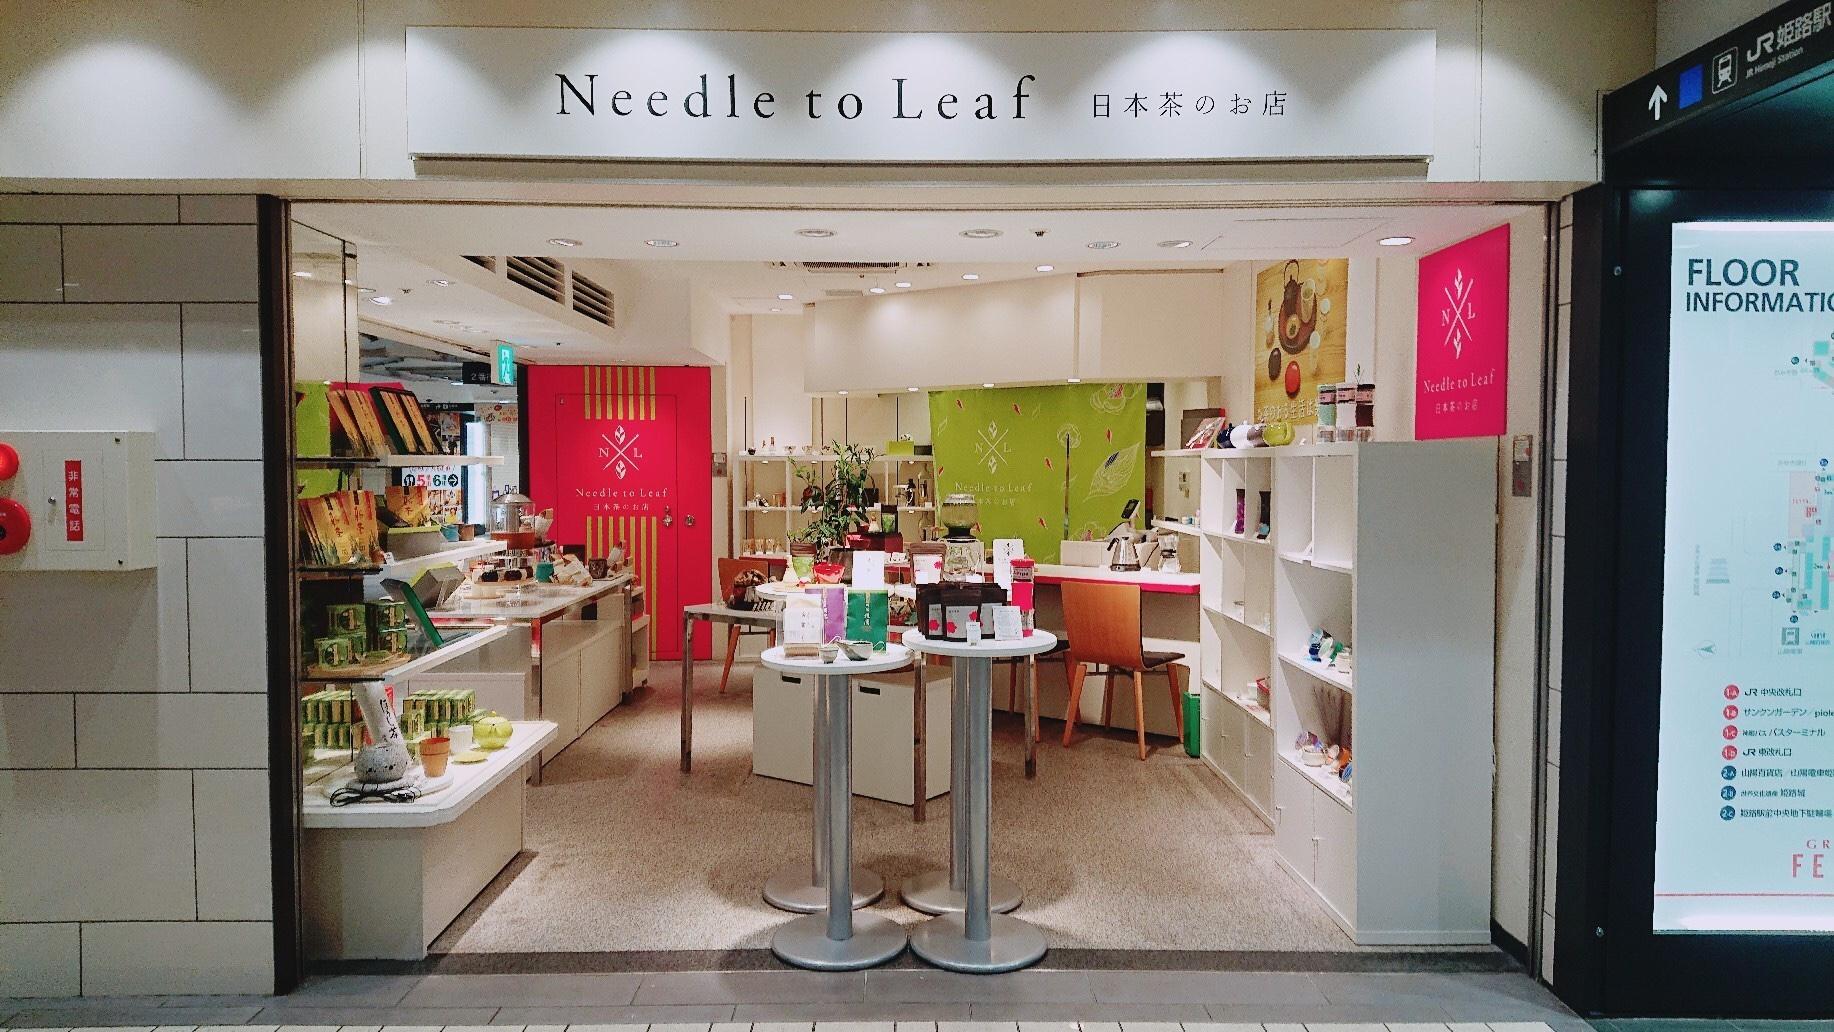 4月25日(木)グランフェスタ2番街「福寿園」が、「Needle to Leaf」としてリニューアル